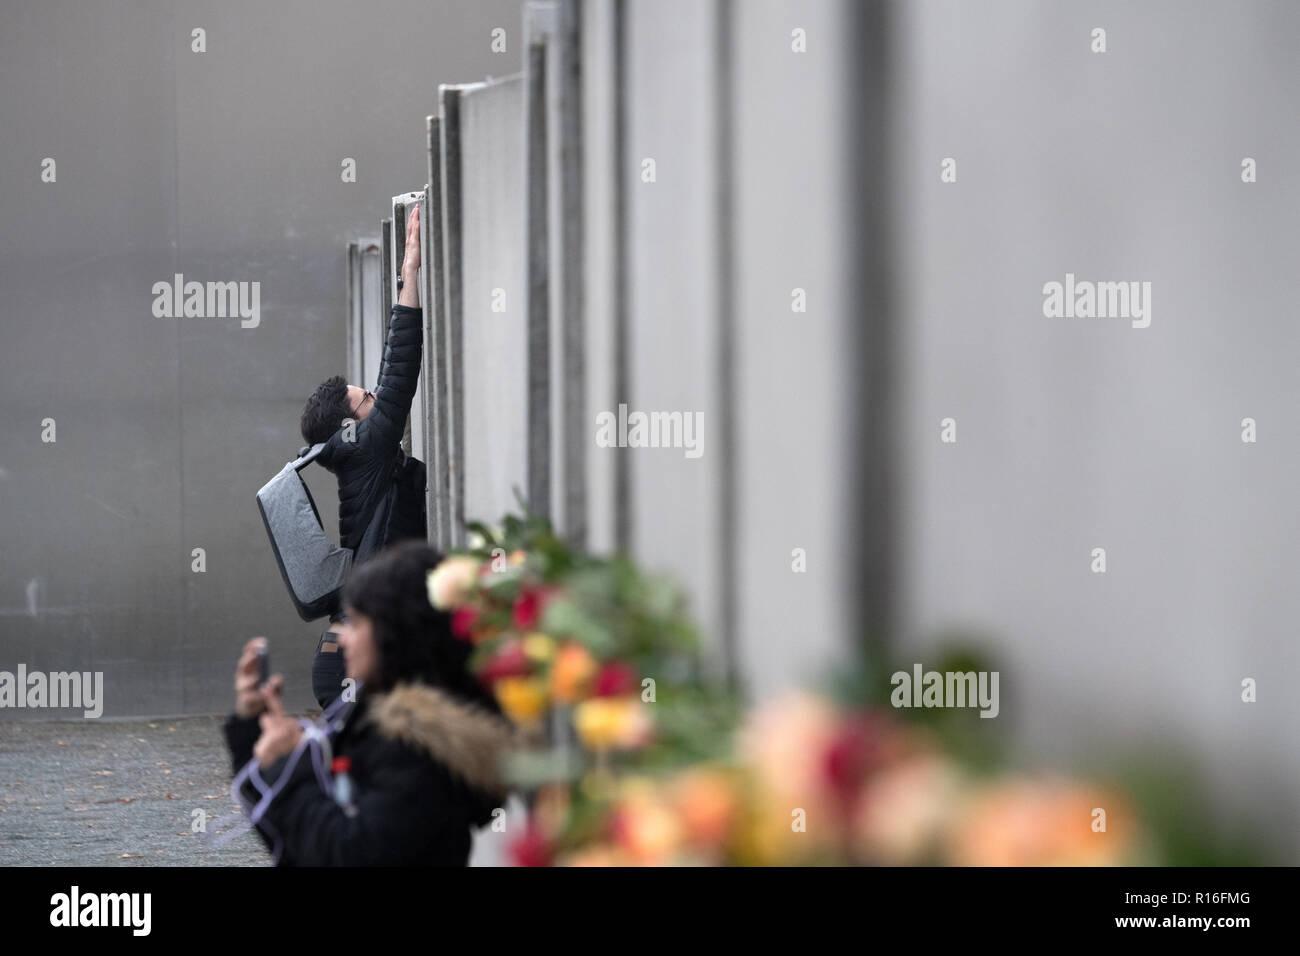 Berlin, Deutschland. 09 Nov, 2018. Die Menschen Rosen an der Gedenkstätte Berliner Mauer während einer Gedenkfeier anlässlich des 29. Jahrestages der Berliner Mauer fallen. Foto: Ralf Hirschberger/dpa/Alamy leben Nachrichten Stockbild